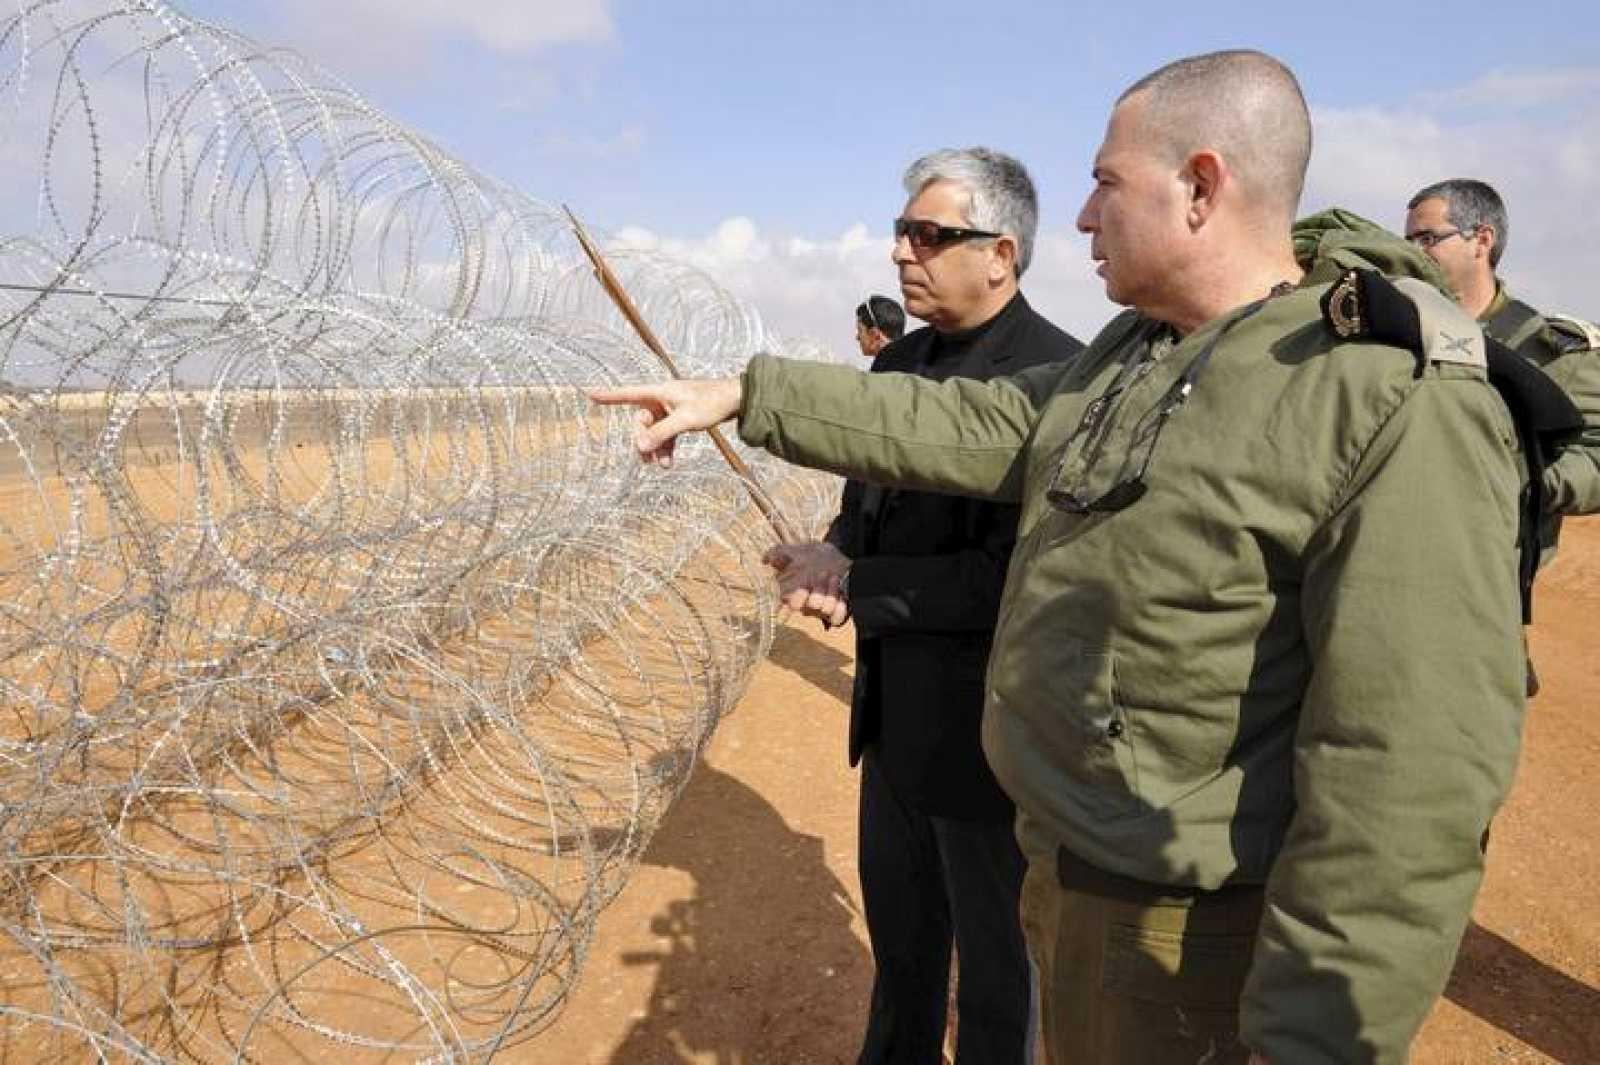 Israel ha acelerado la construcción de la valla para asegurar su frontera con Egipto, labor que espera concluir antes de lo previsto a la luz de las protestas en el país vecino, principal aliado en la zona